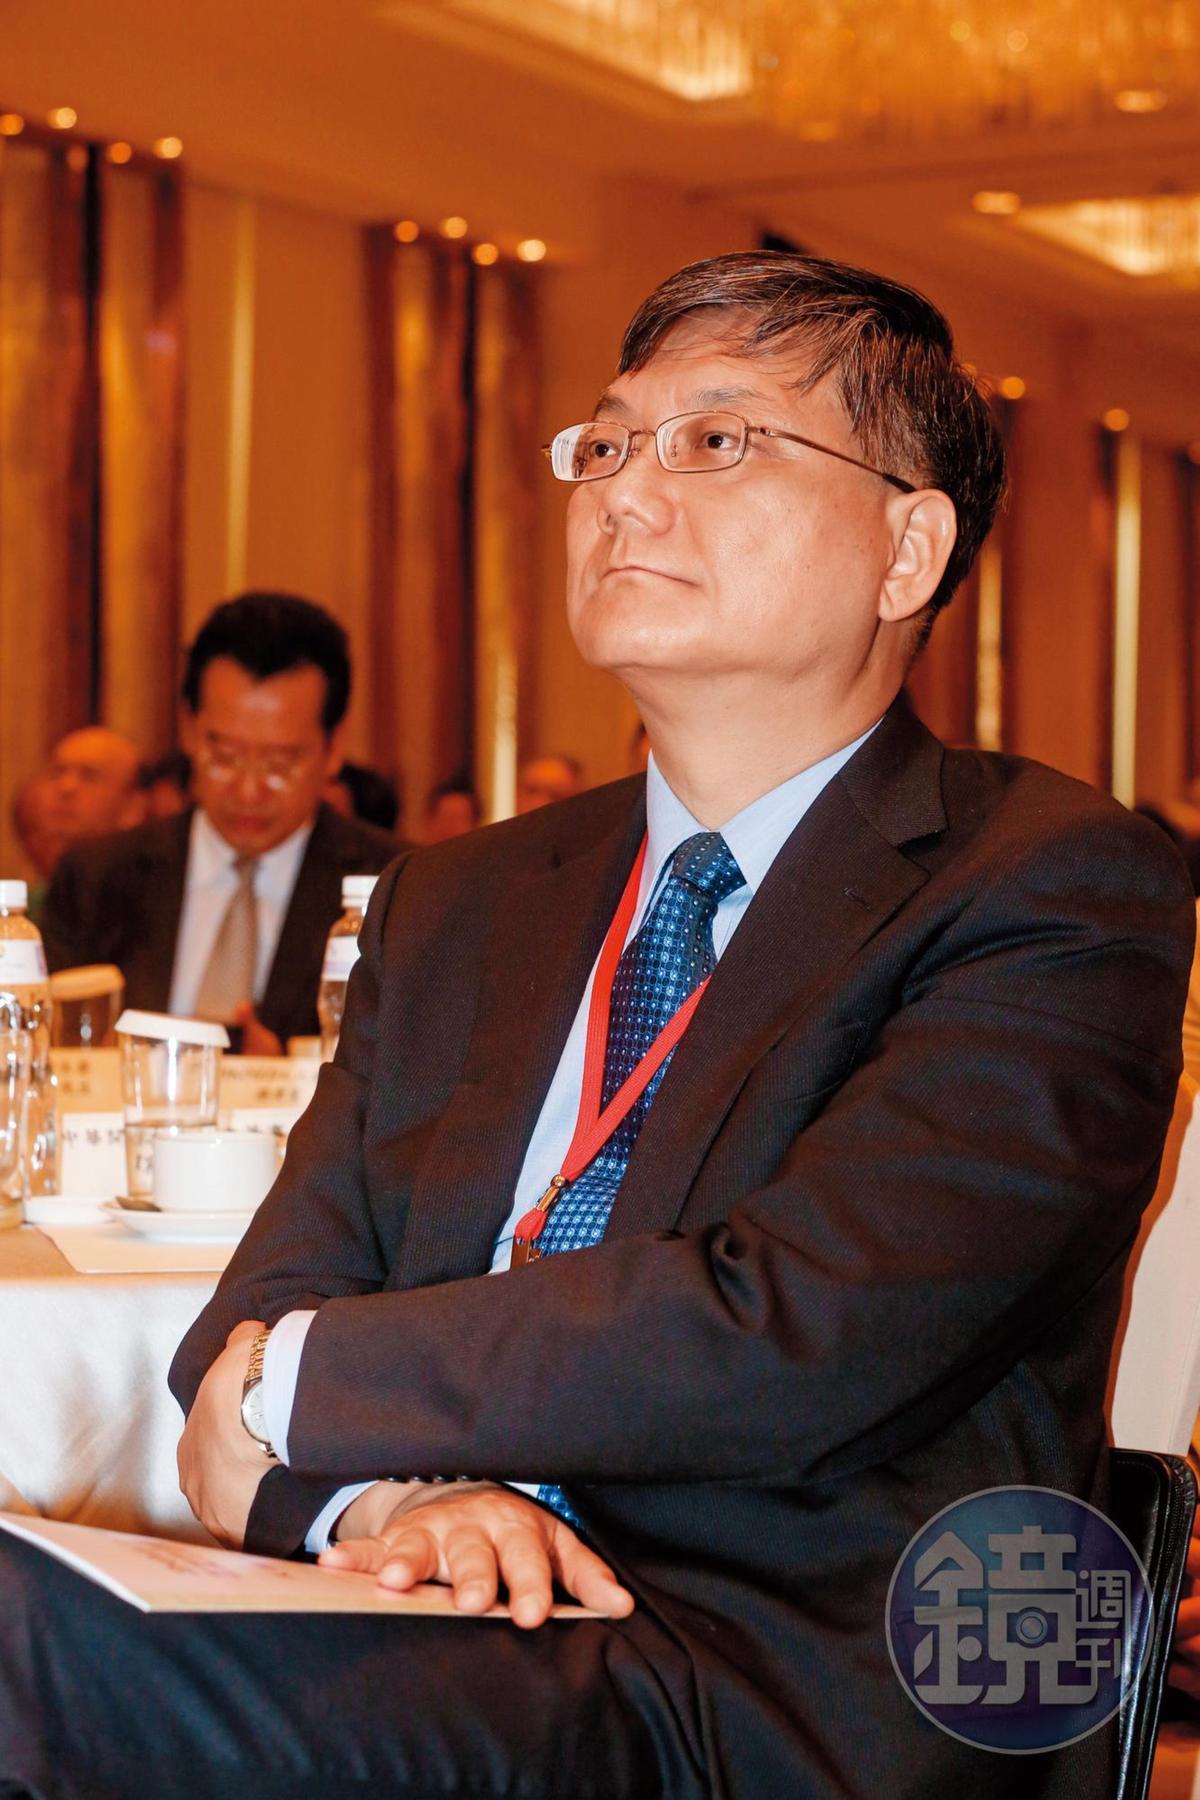 工研院前主任杜紫宸與行政院前副院長杜紫軍(如圖)兄弟倆,力挺張善政參選2020。